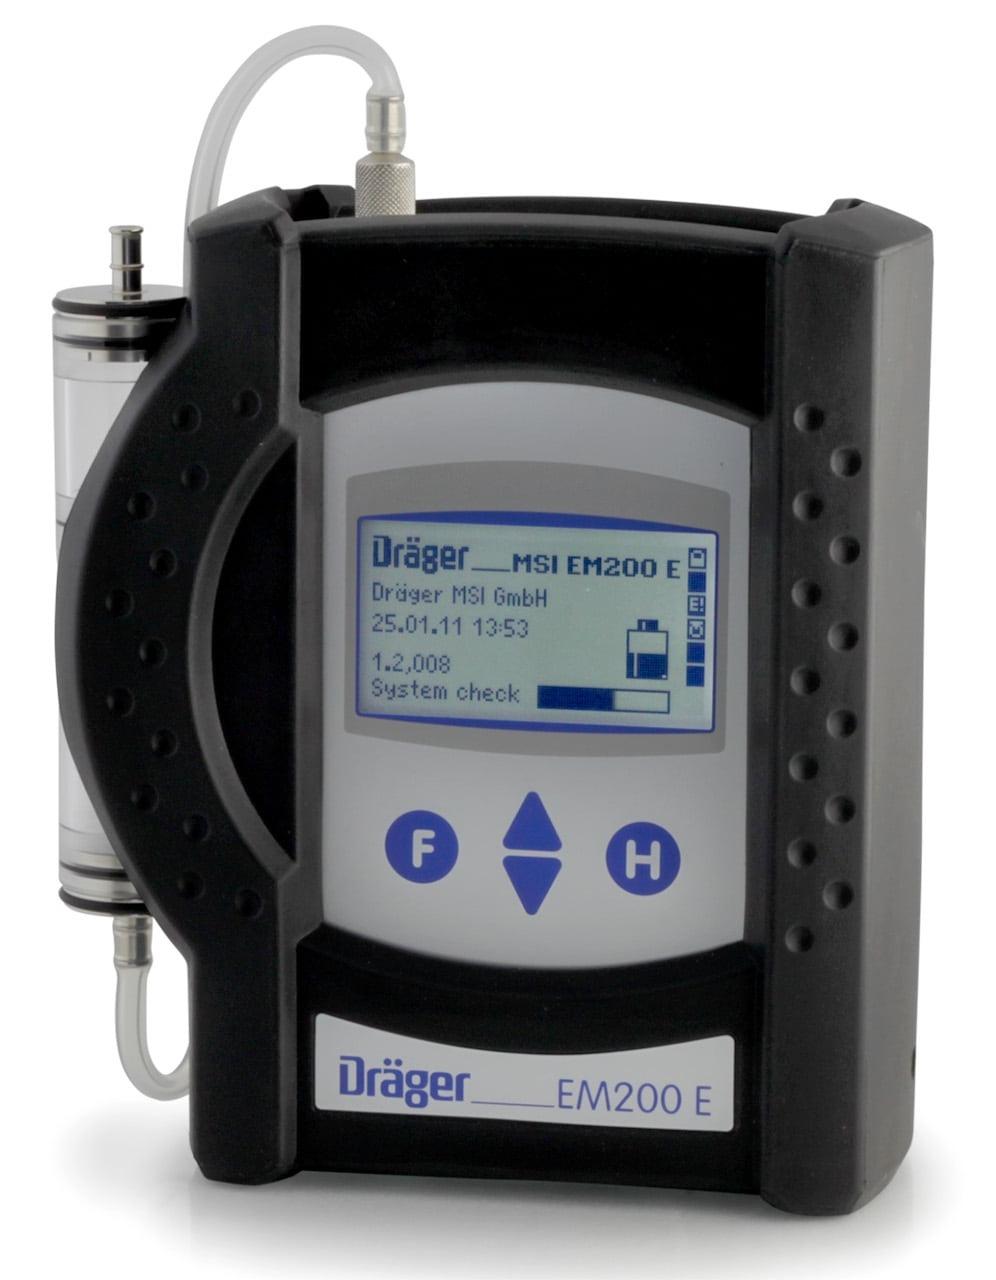 draeger-msi-em200-e-53-flue-gas-analyzer-3-2-EM200E